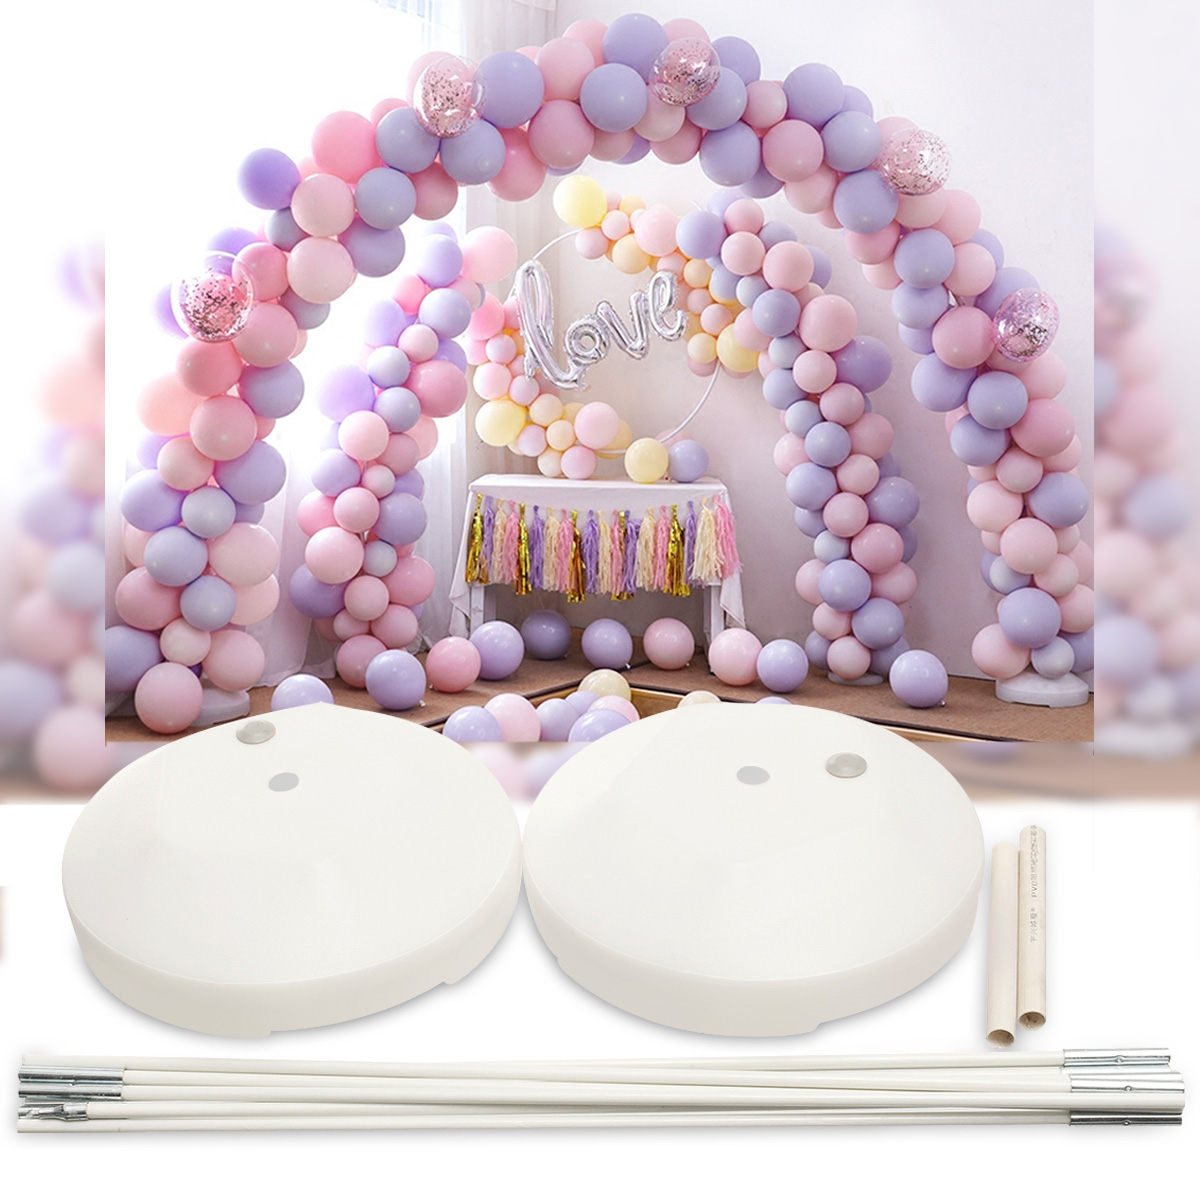 Ballon arche Kit fête d'anniversaire mariage grand ensemble colonne cadre arche colonne support Base bricolage décoration